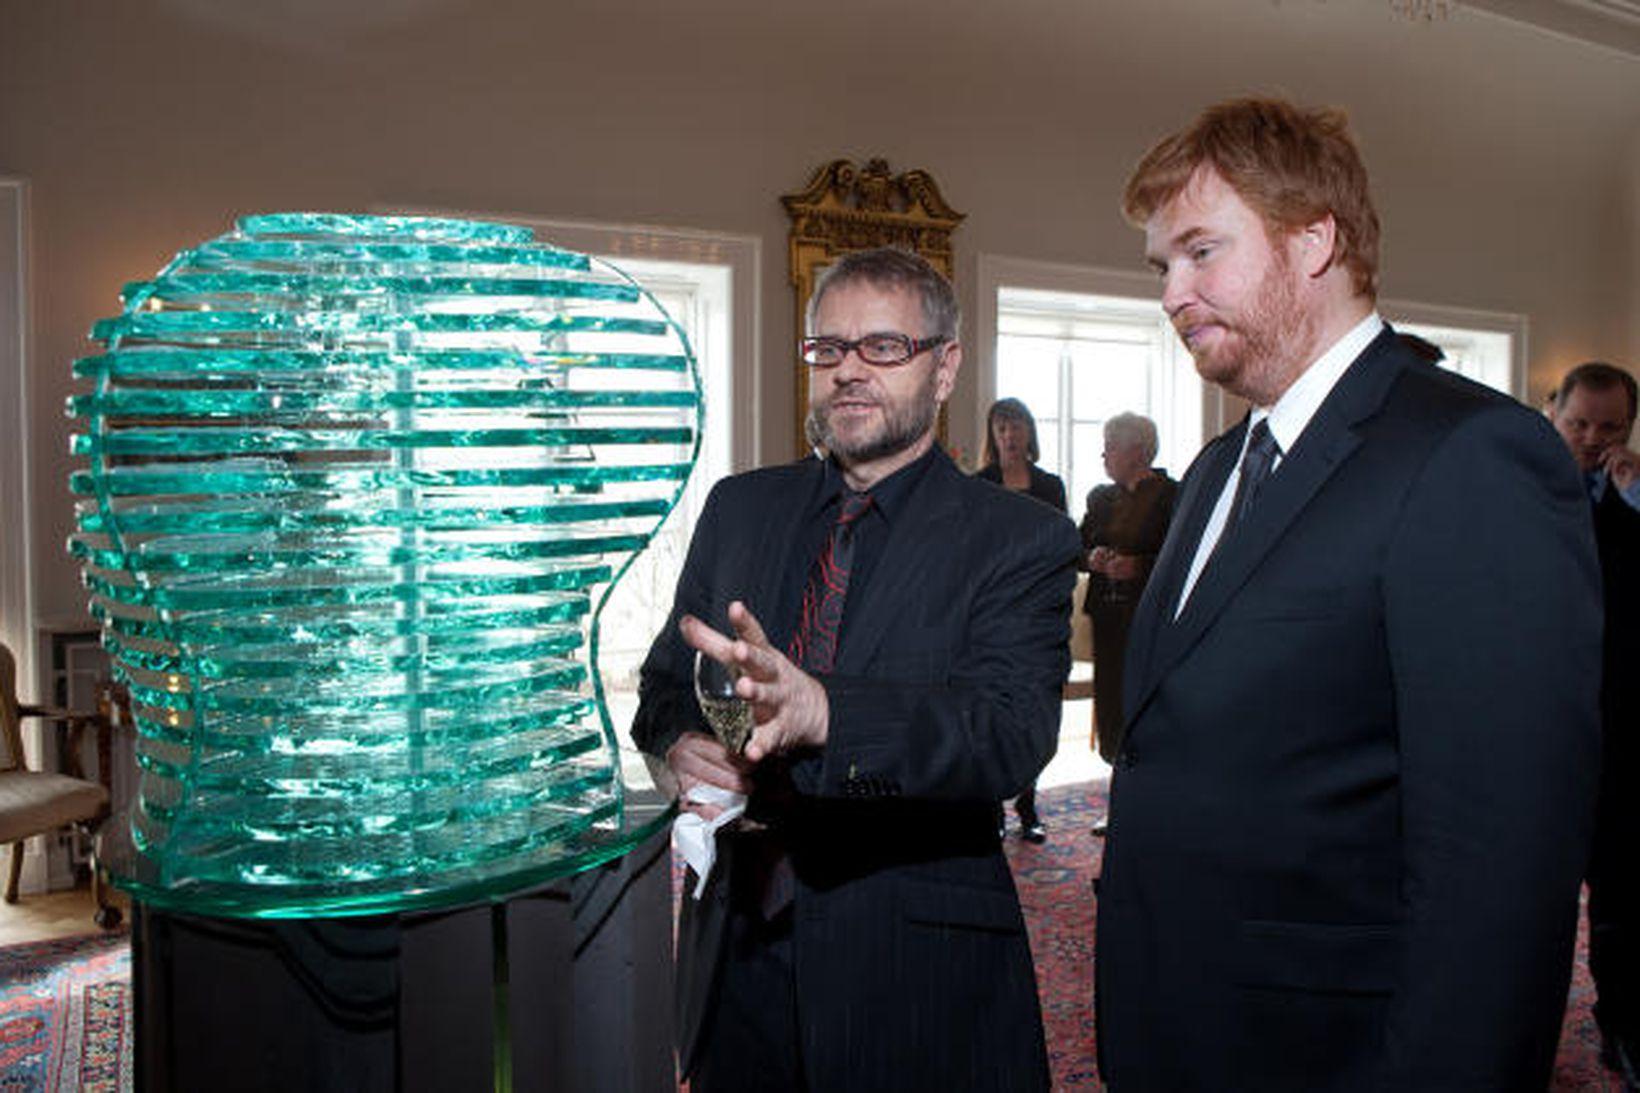 Vignir Jóhannsson, myndlistarmaður, og Hilmar Veigar Pétursson, forstjóri CCP, virða …